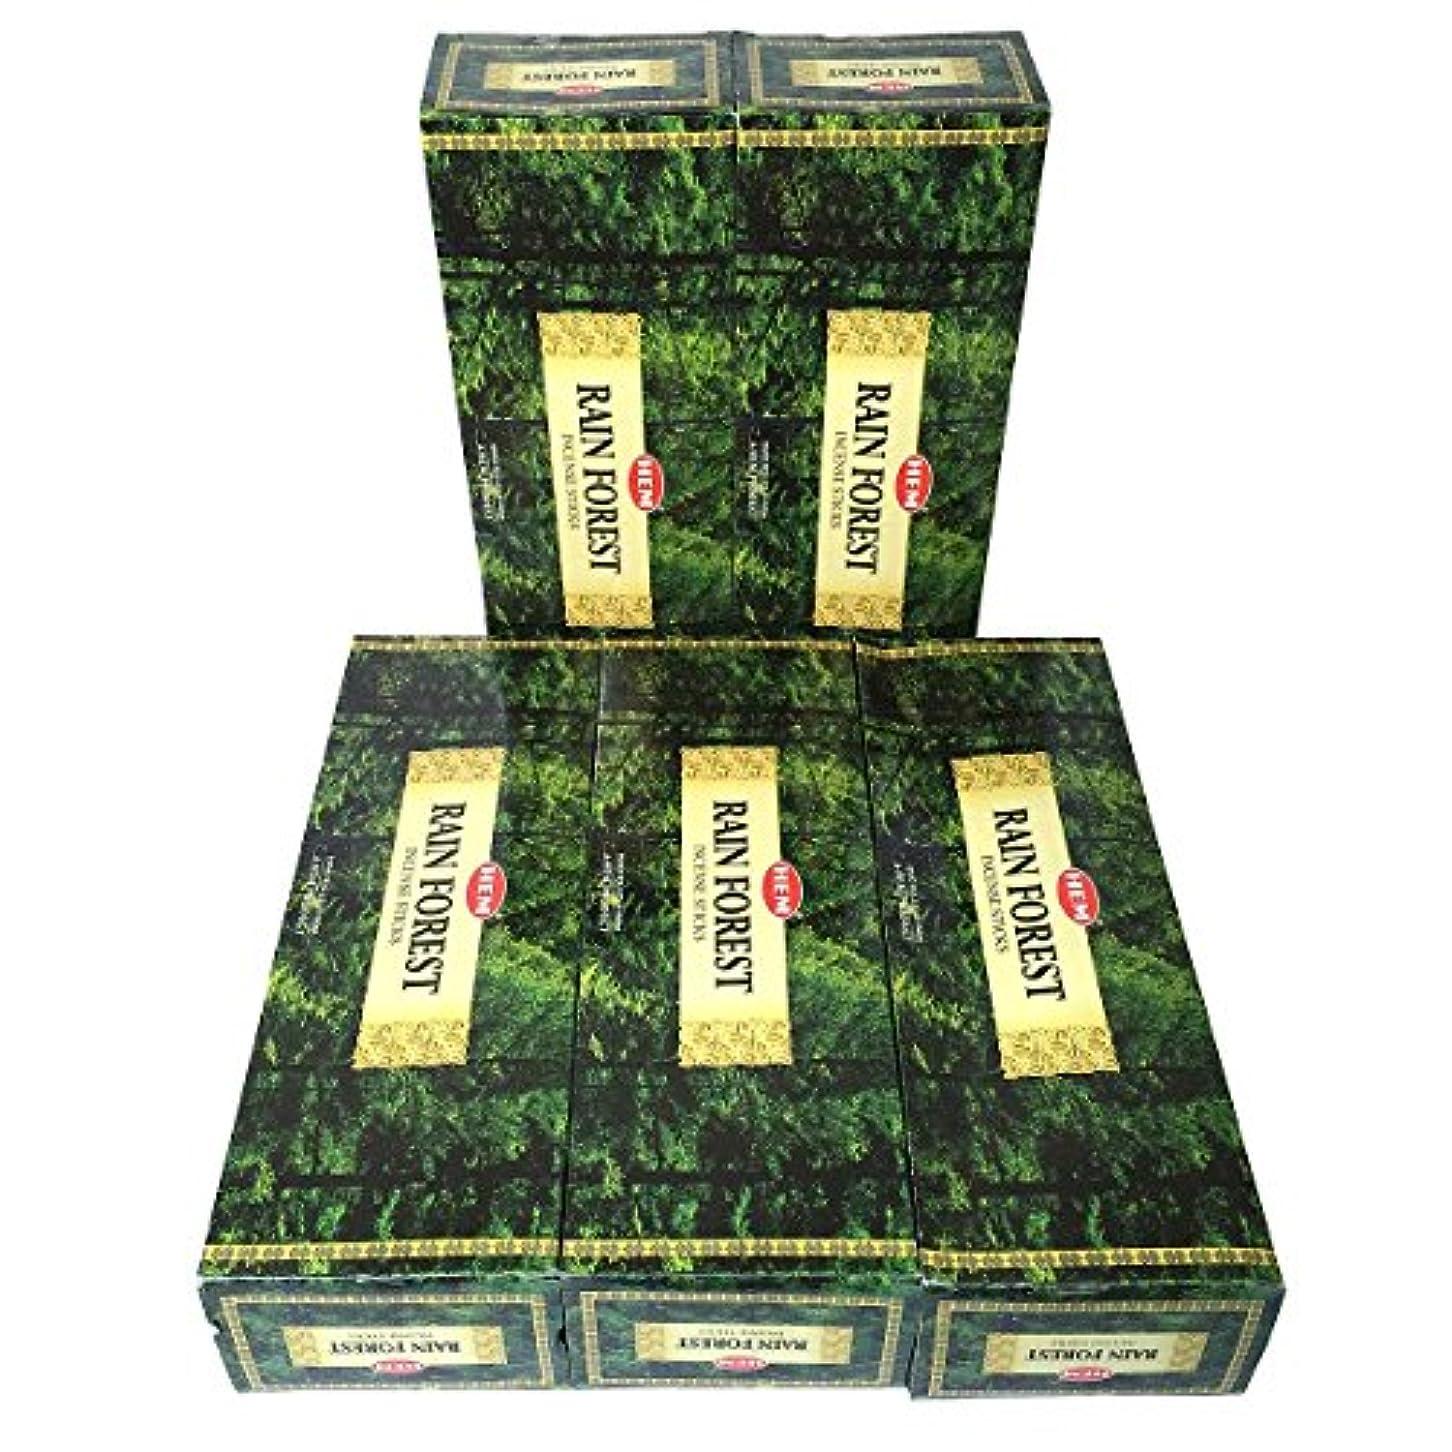 お気に入りアトラス驚HEM レインフォレスト香 スティック 5BOX(30箱)/HEM RAIN FOREST/ インド香 / 送料無料 [並行輸入品]